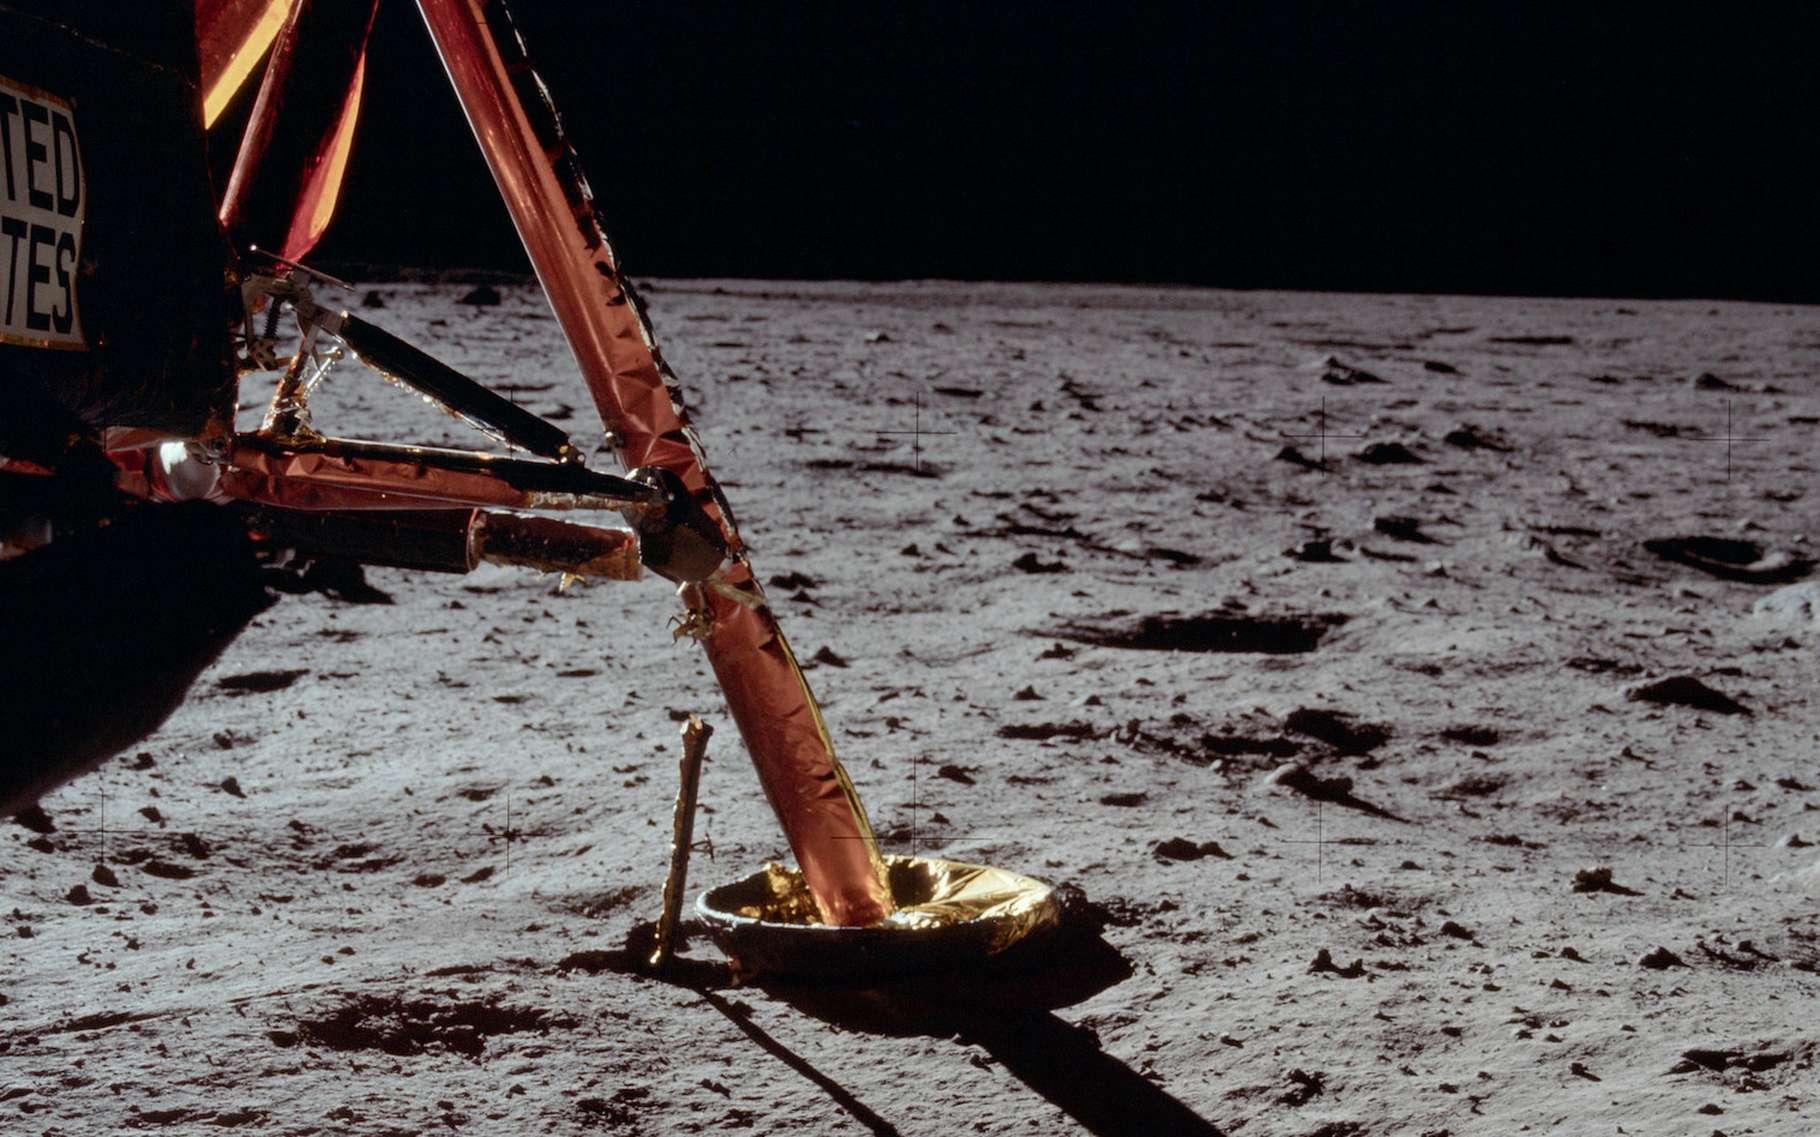 Critères techniques et scientifiques se mêlent dans le choix d'un site d'atterrissage, ou d'alunissage comme celui d'Apollo 11 ici. © Project Apollo Archive, Flickr, Domaine public